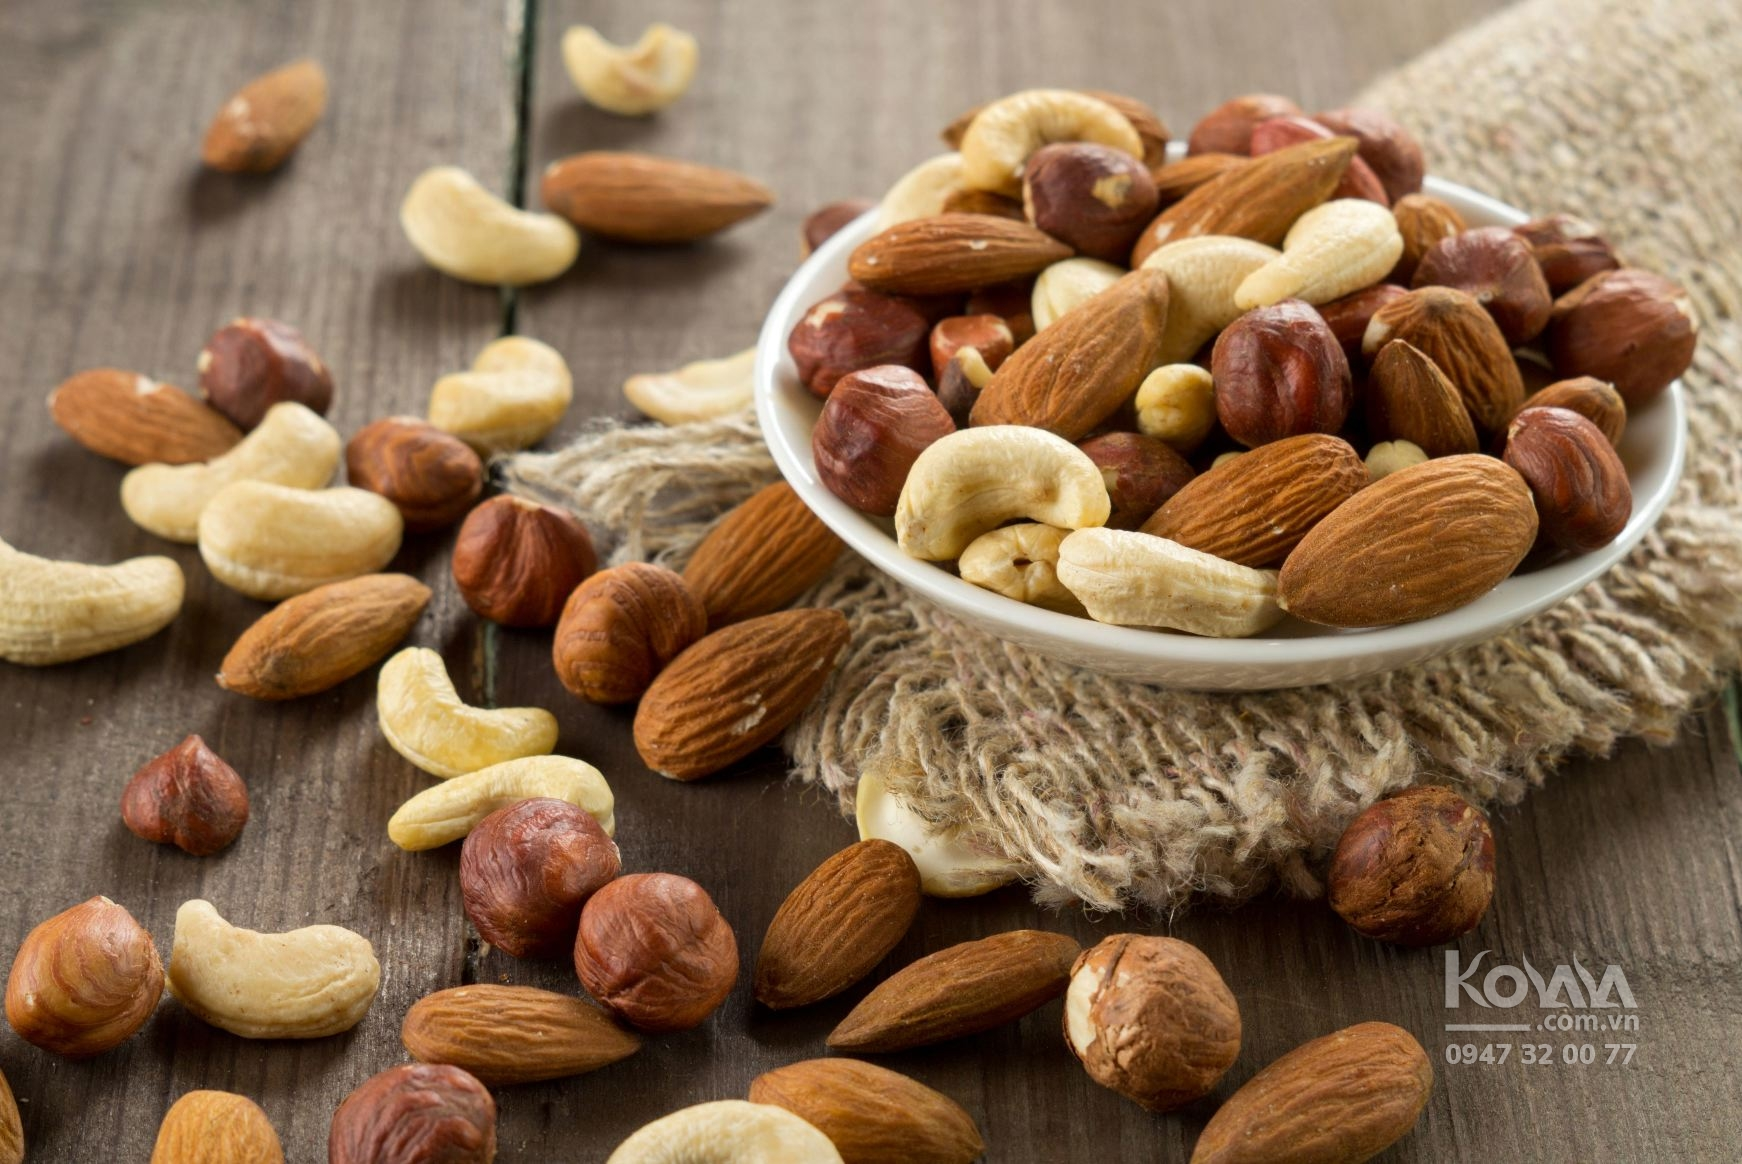 các loại hạt nhiều dinh dưỡng nhất, hạt nhập khẩu mỹ